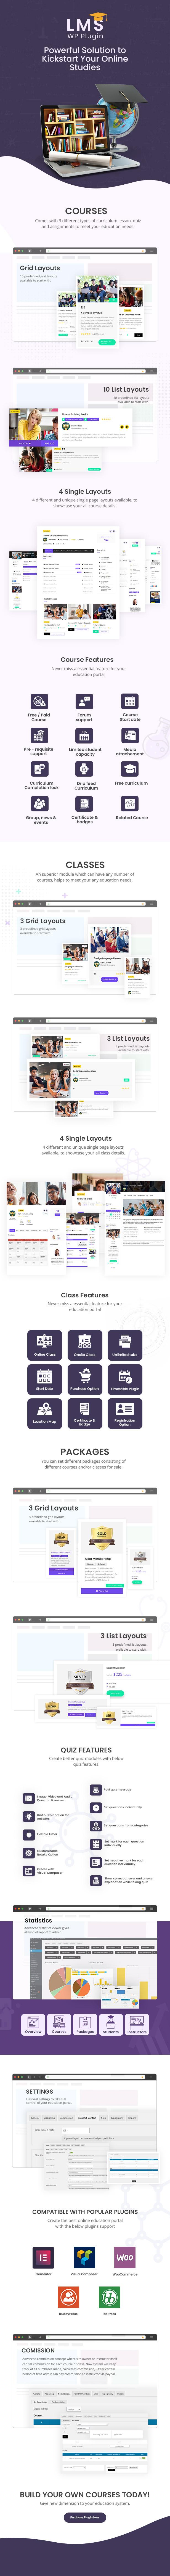 DT LMS - LMS, Cursos Online e Educação WordPress Plugin - 1